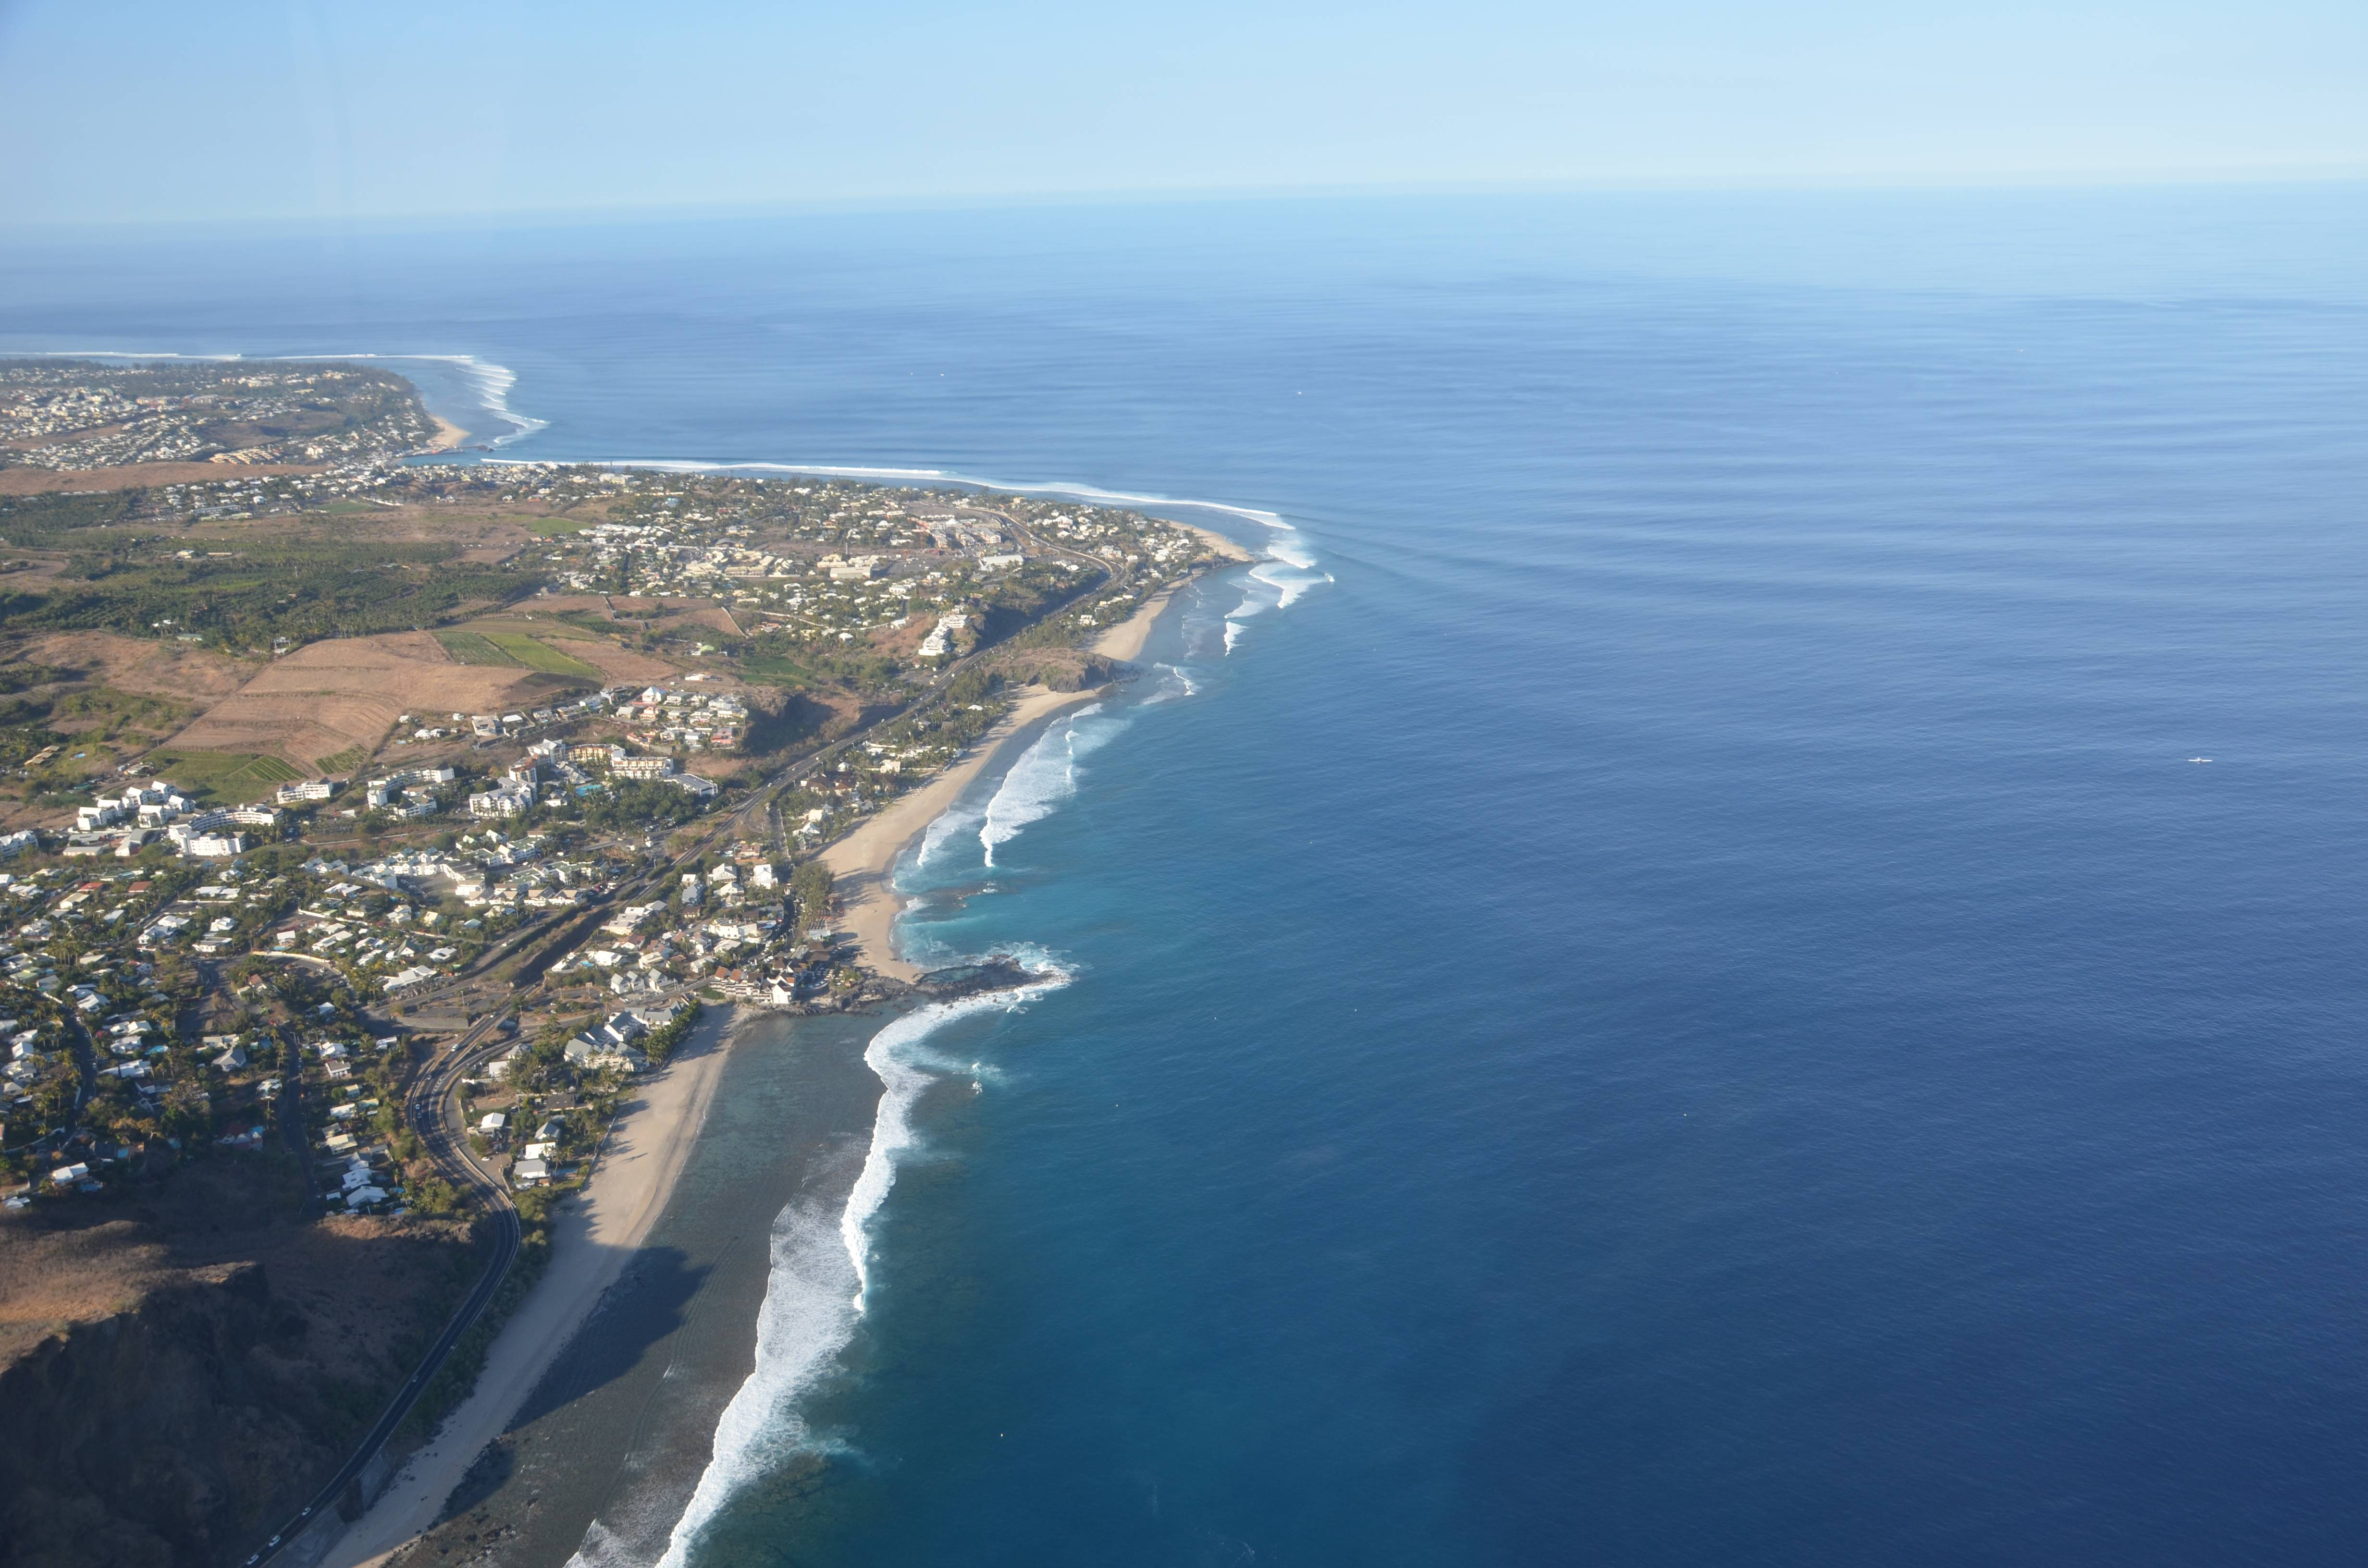 Photo 1: Survoler La Réunion et avoir le souffle coupé !